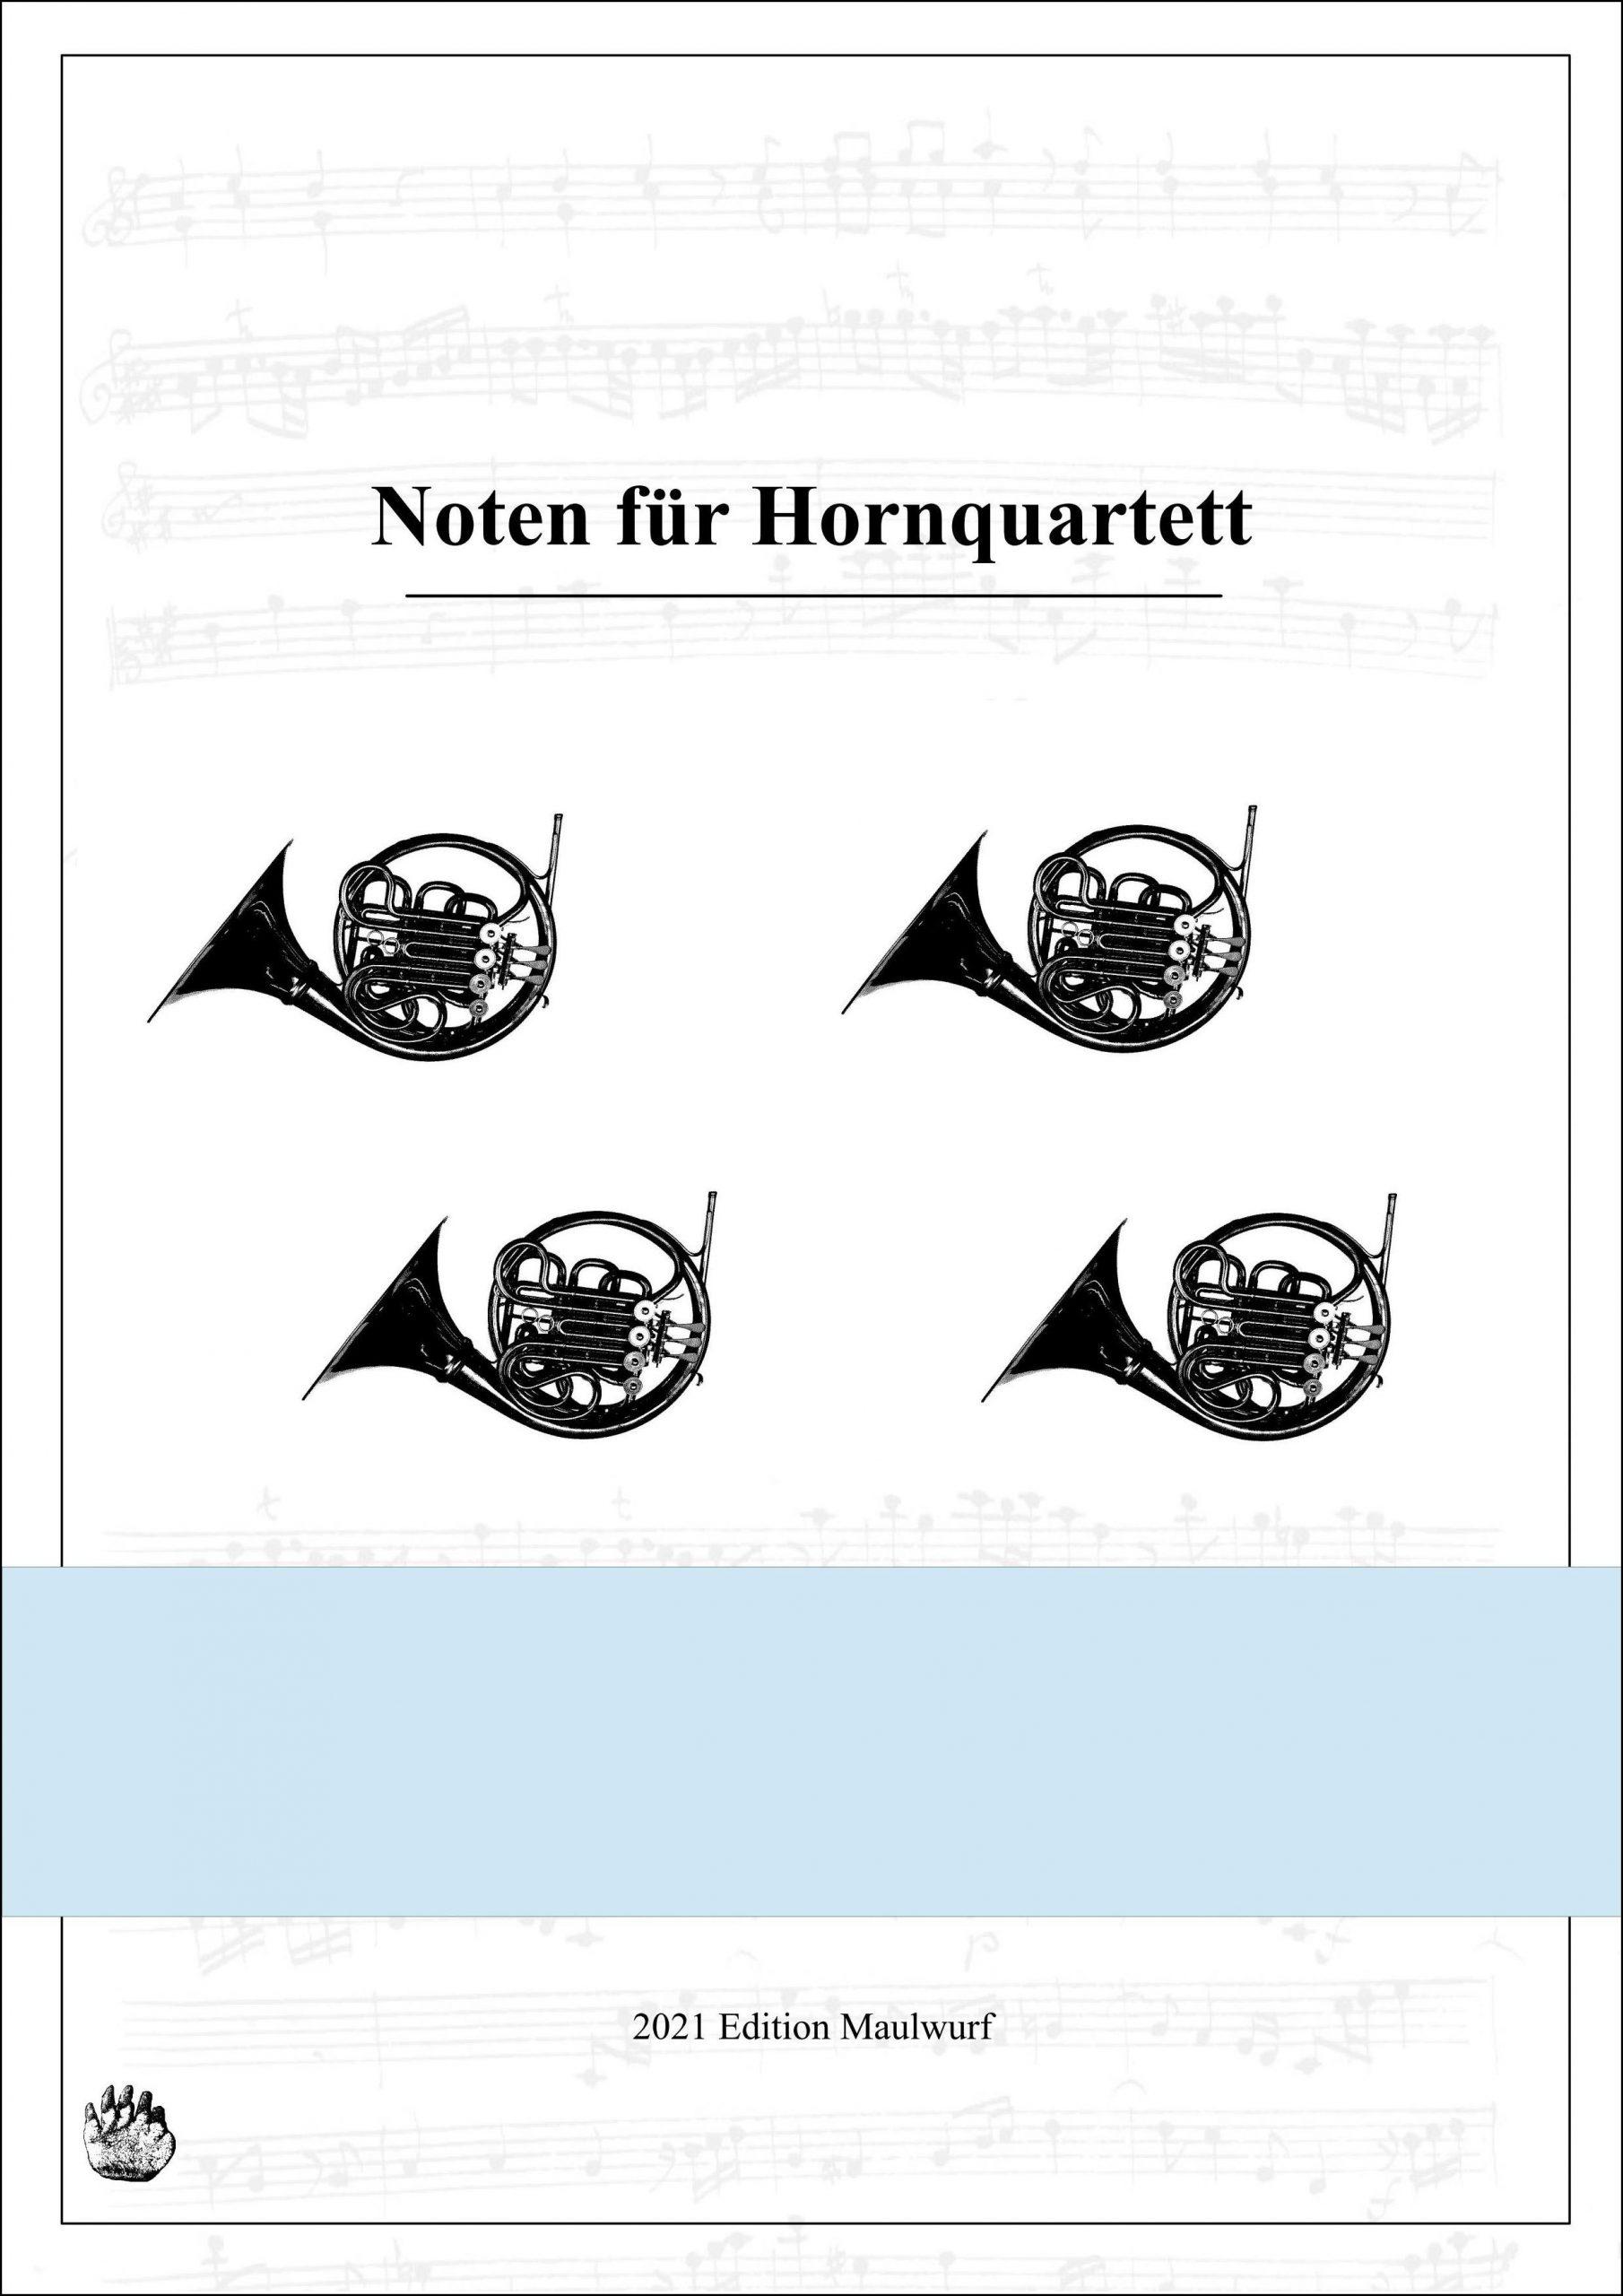 Hornquartett